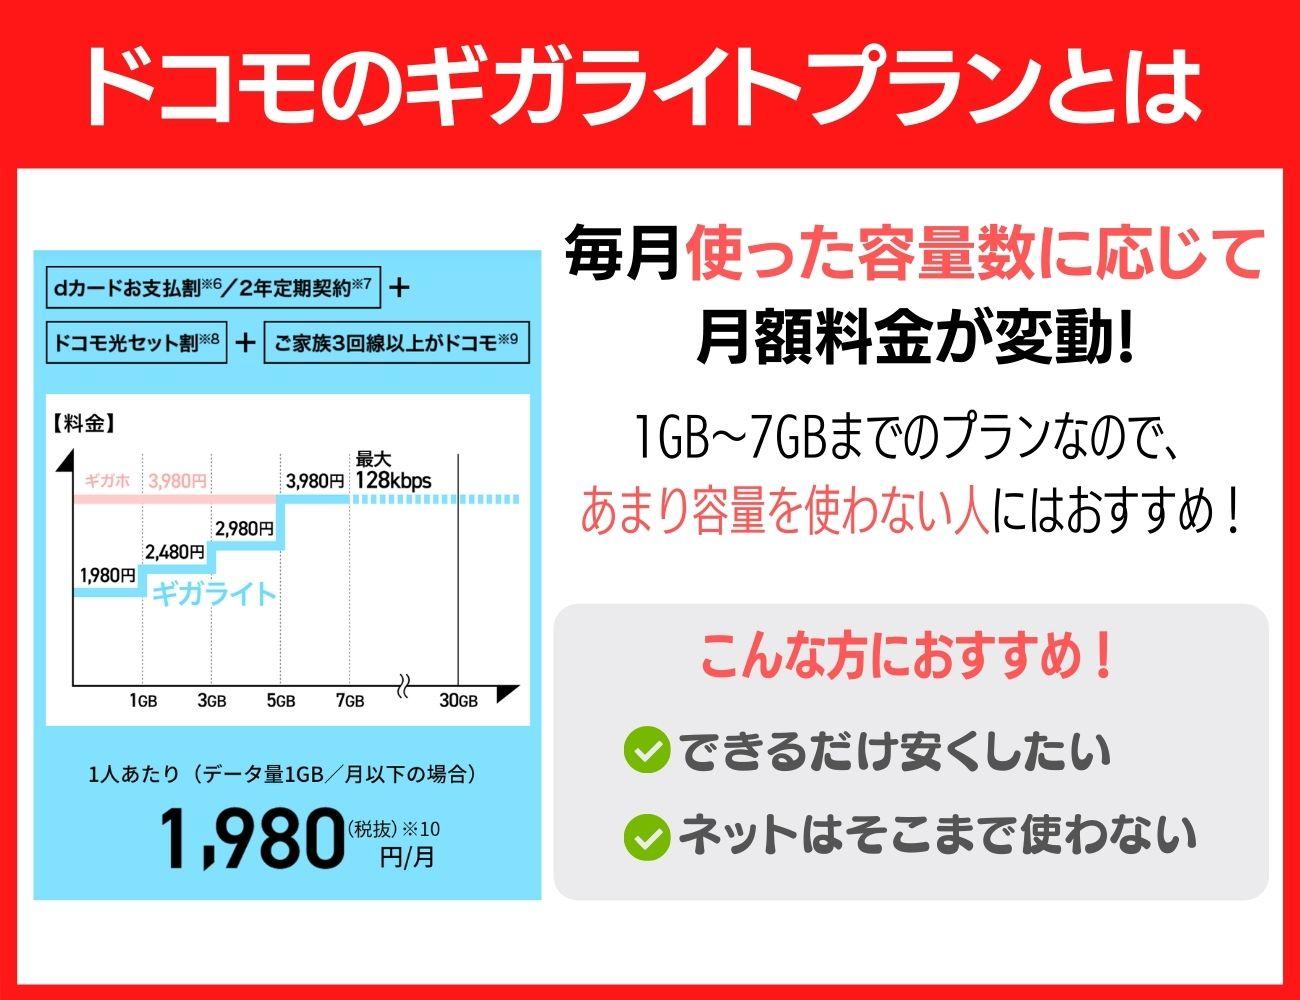 ドコモのギガライトは容量数による変動性で料金が変わる!